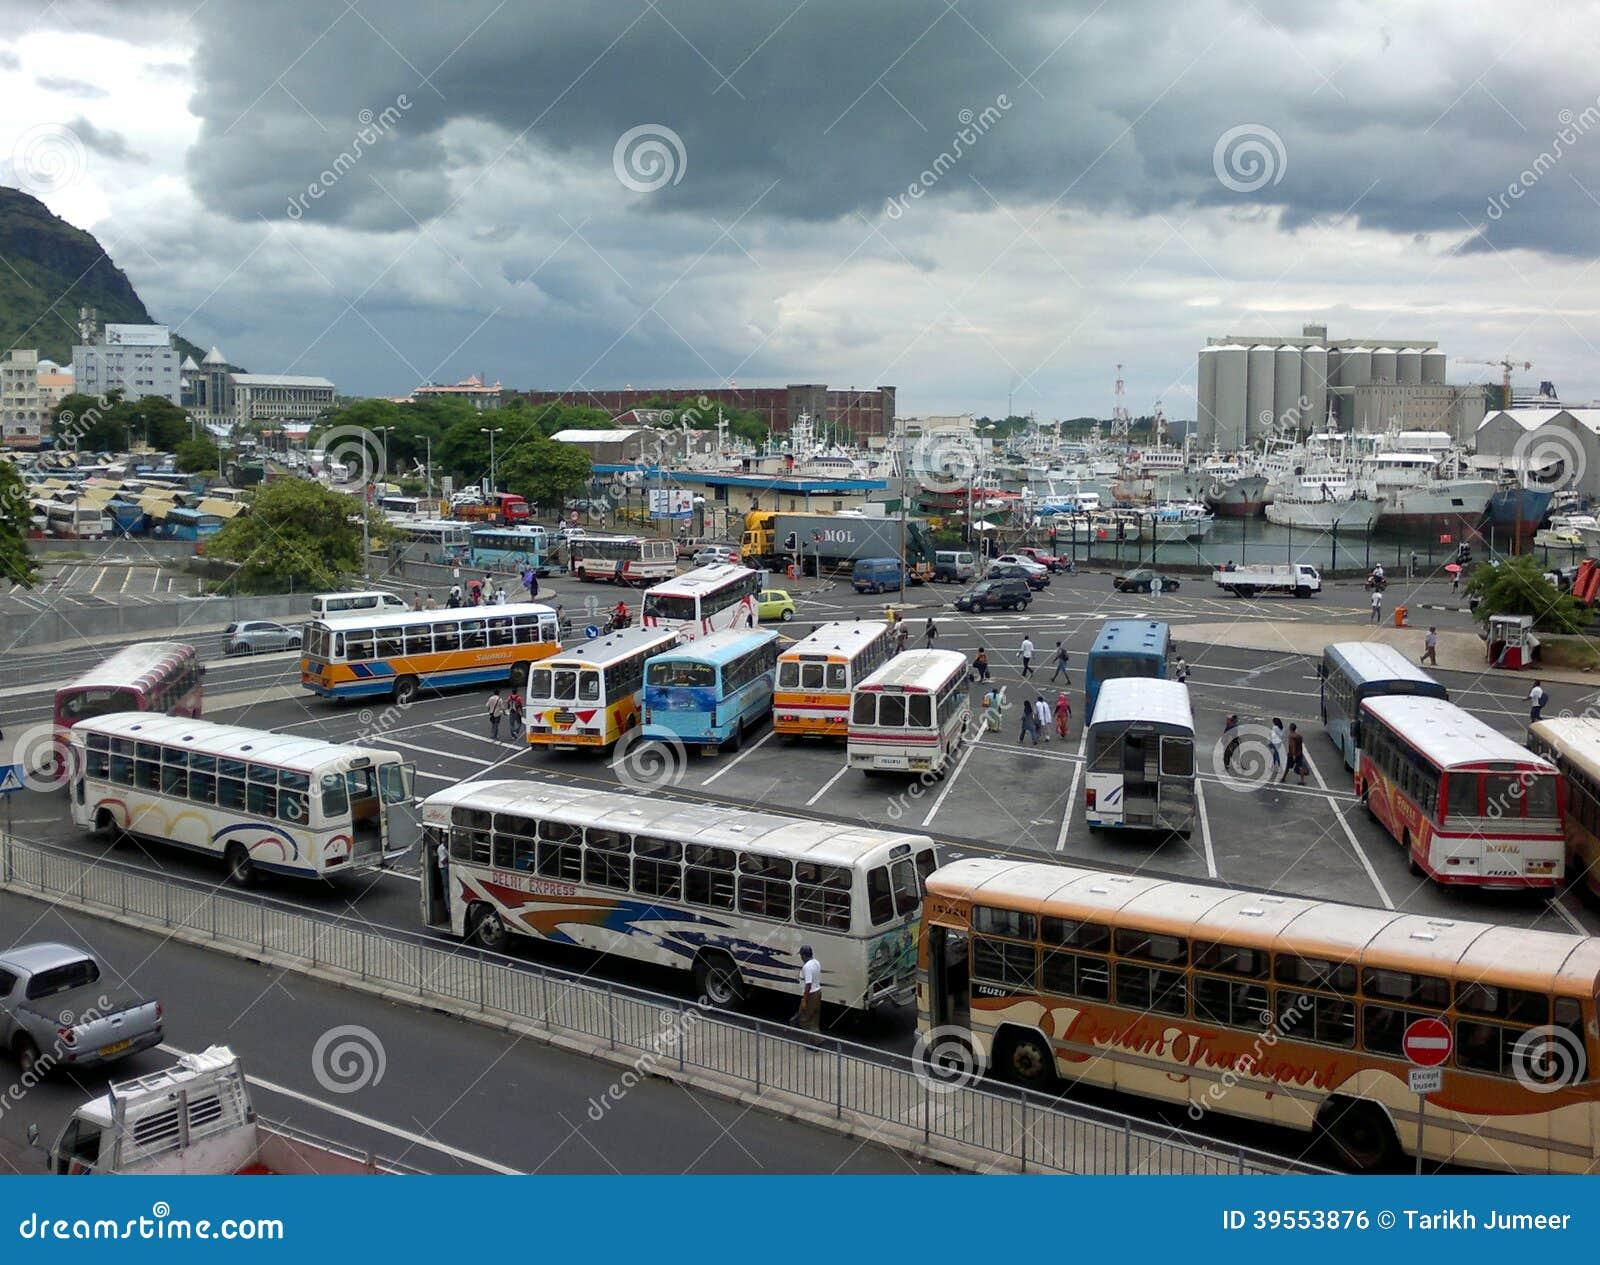 Gare Du Nord Port-Louis przystanek autobusowy